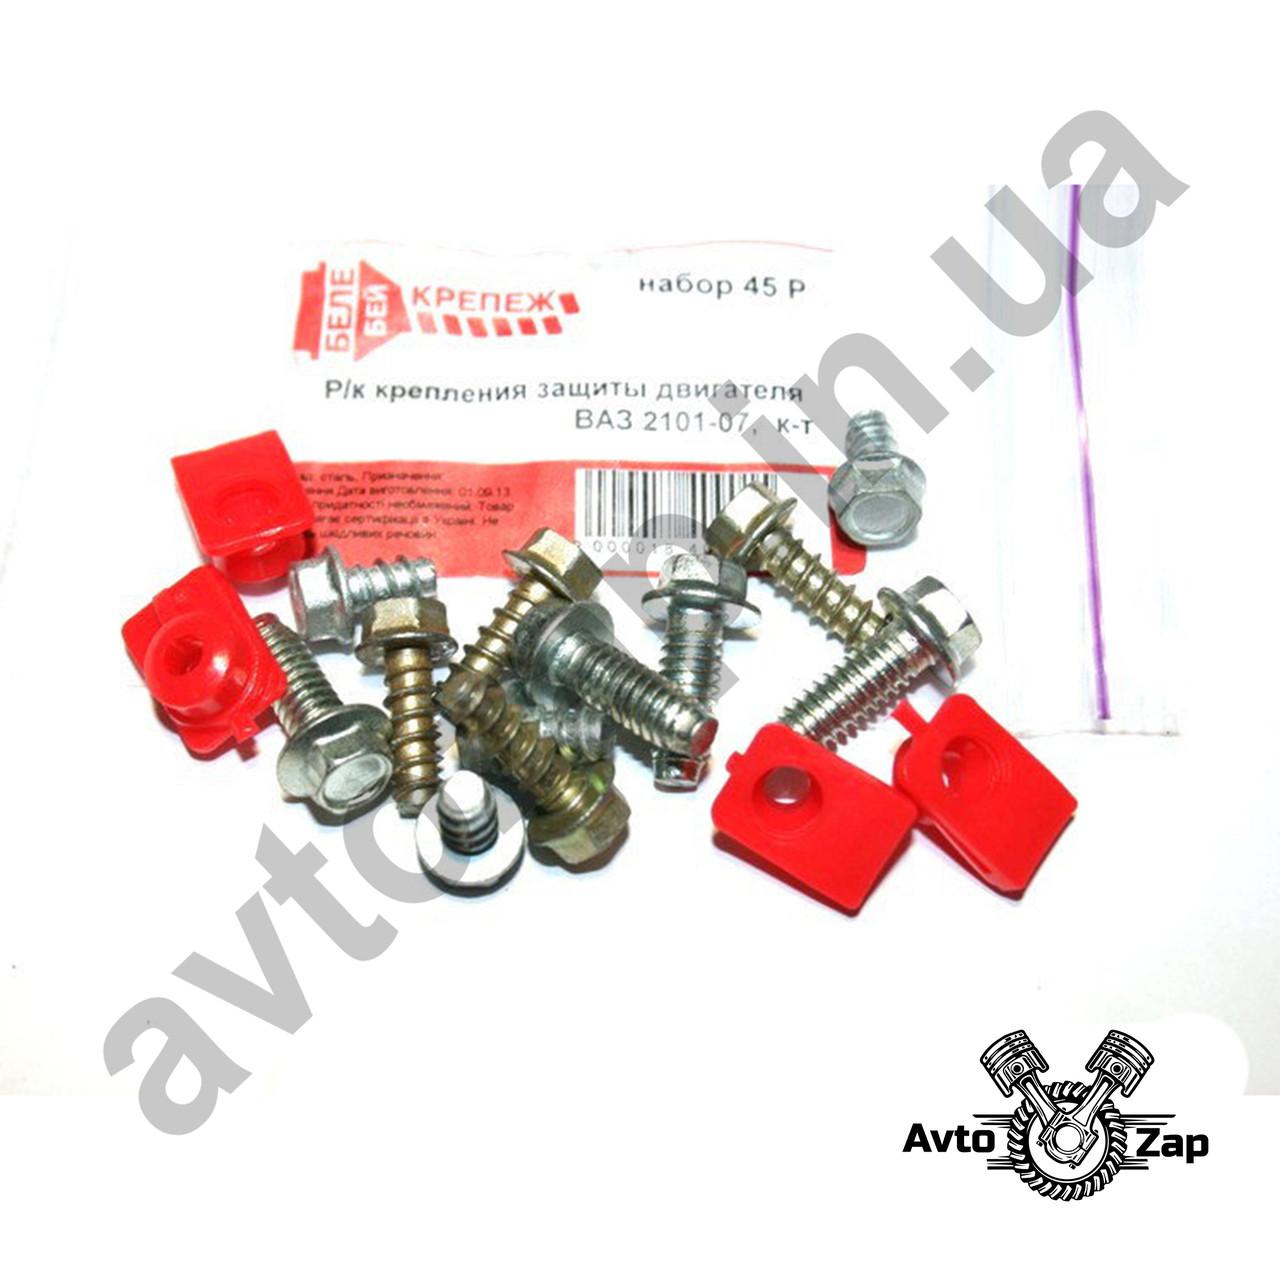 Ремкомплект крепления защиты двигателя ВАЗ 2101-07  п/э уп.     35906